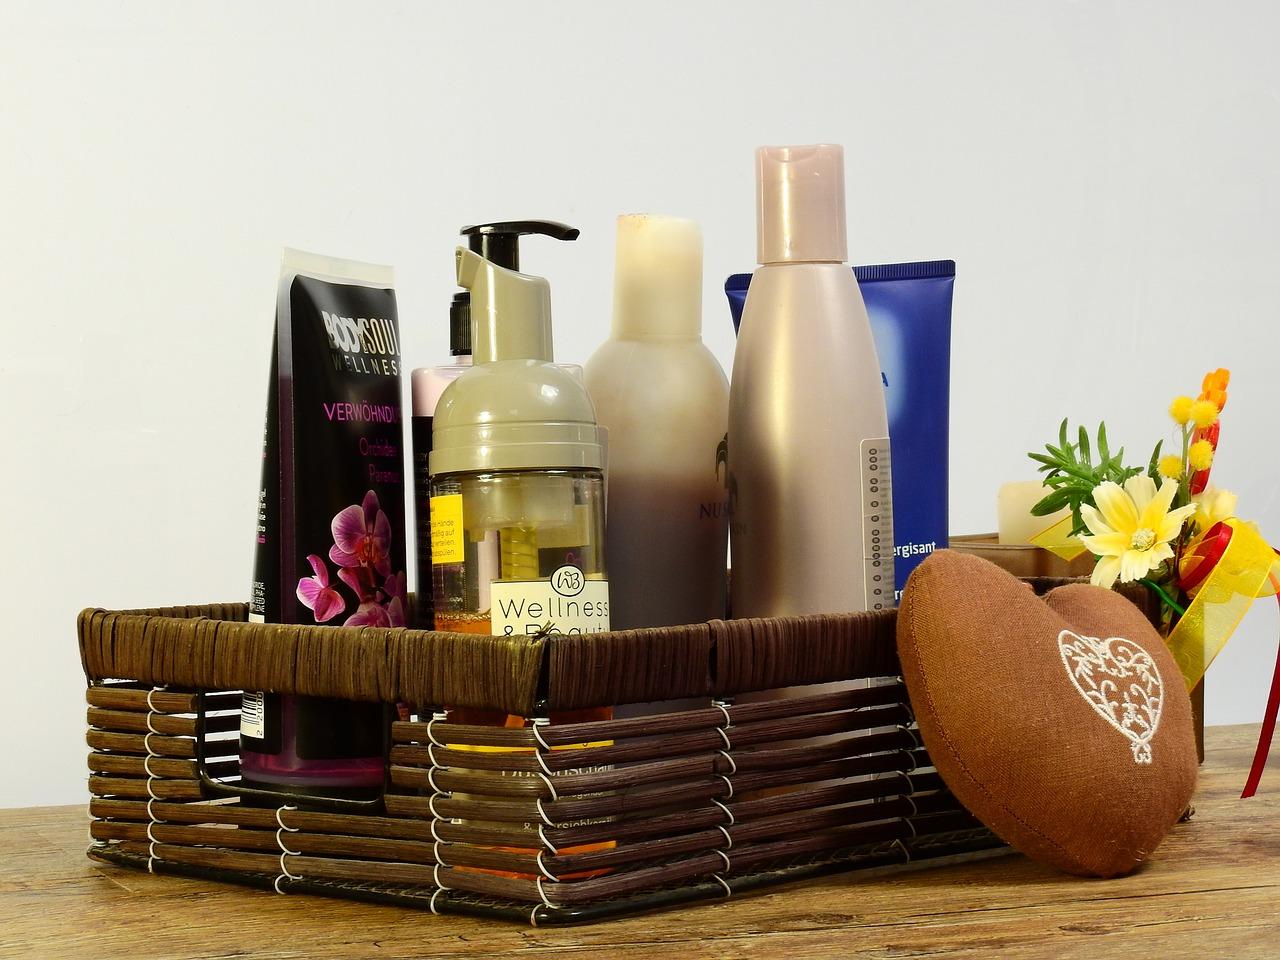 astuce zéro déchet dans la salle de bain : remplacer le shampoing